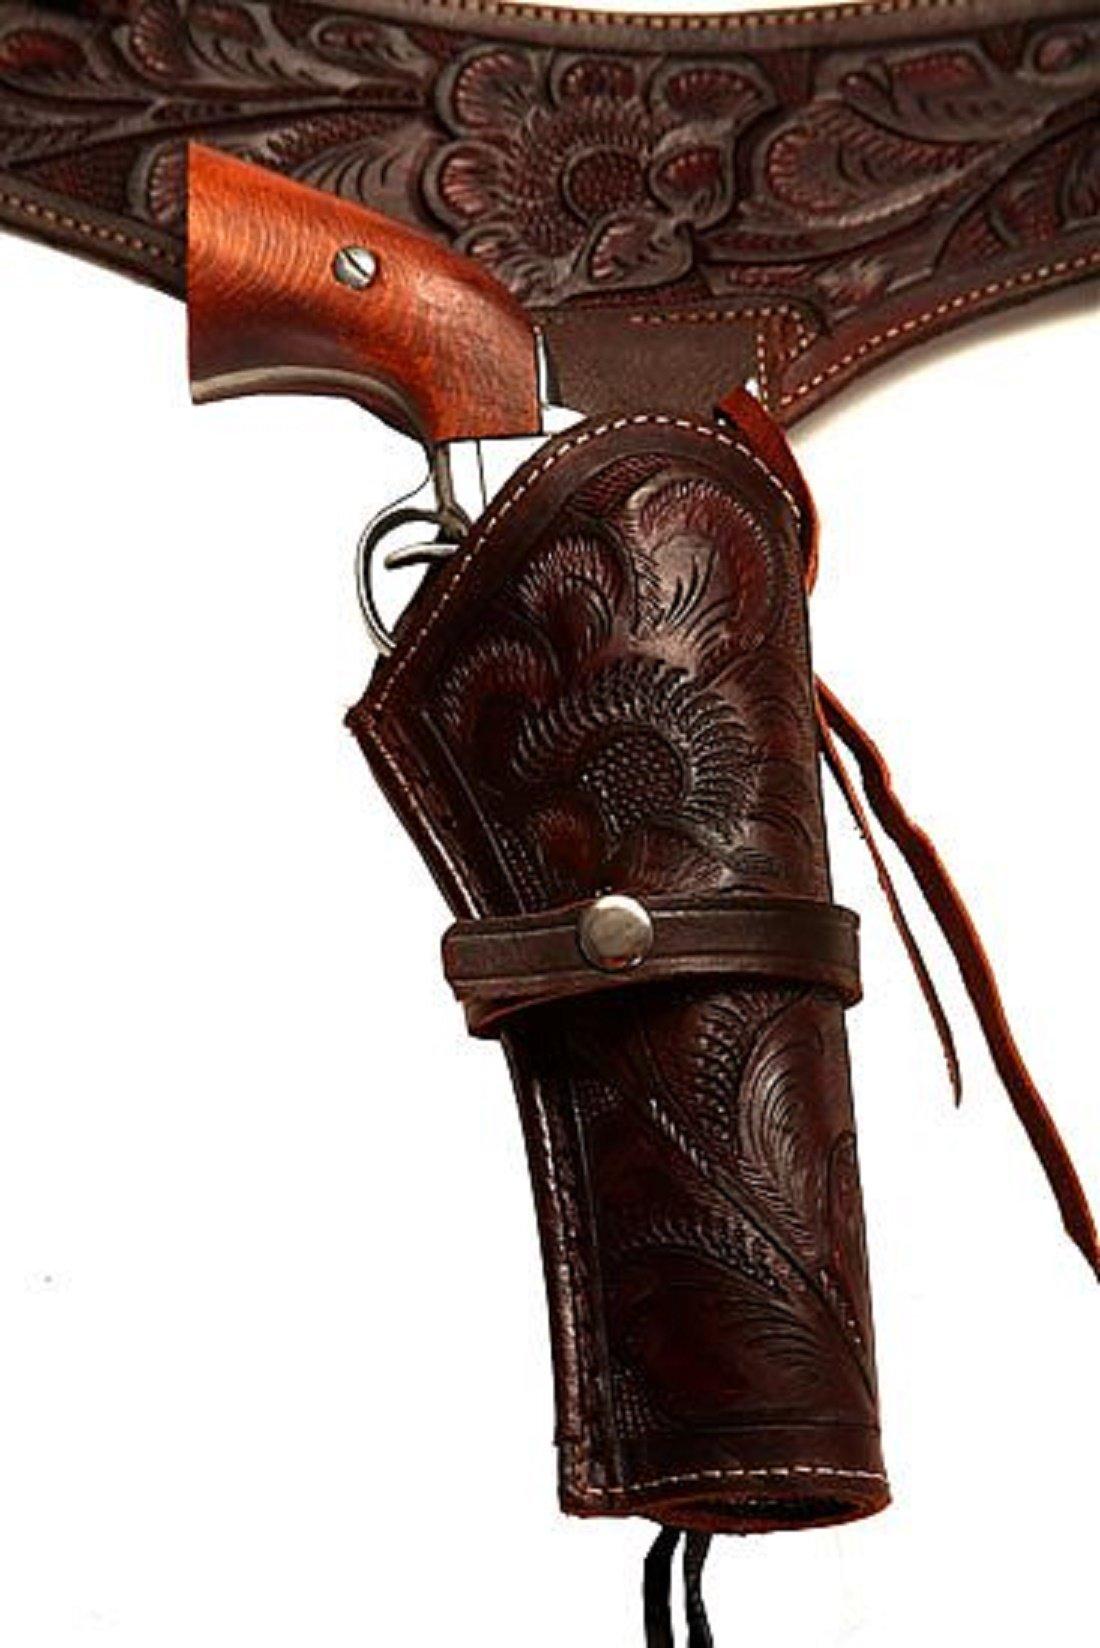 44/45 Caliber Long Barrel Cowboy Western Style Gun Holster and Belt